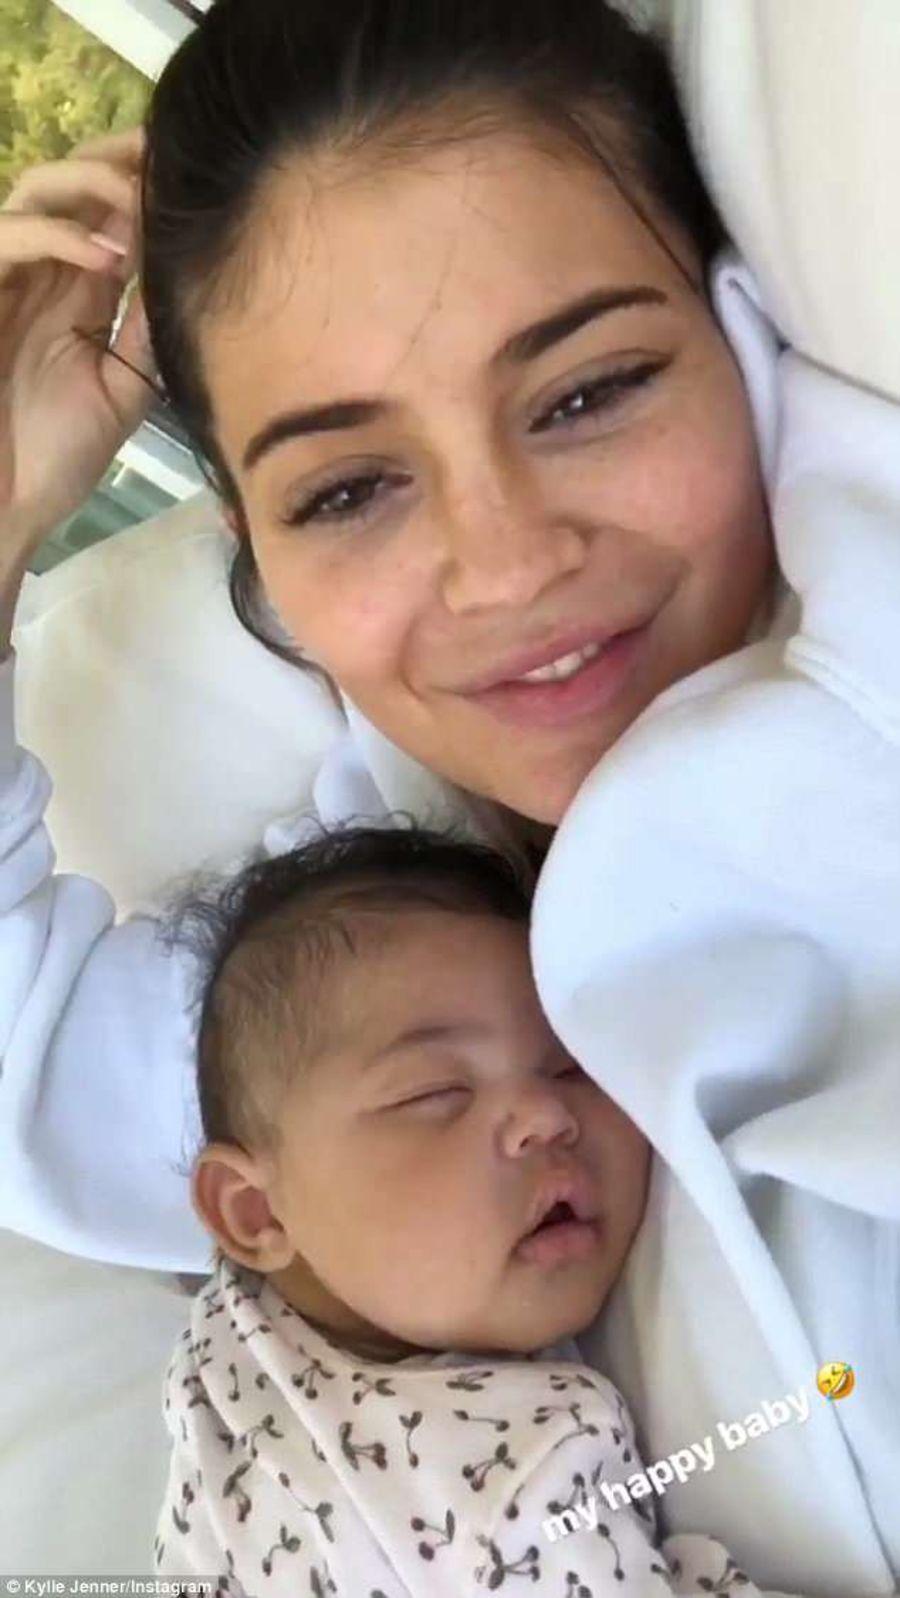 ... trên người mẹ thì cười tươi rói khi nghe tiếng mẹ vô cùng đáng yêu.  Đoạn clip cute này làm các fan chỉ muốn có ngay một bé để bồng như Kylie!